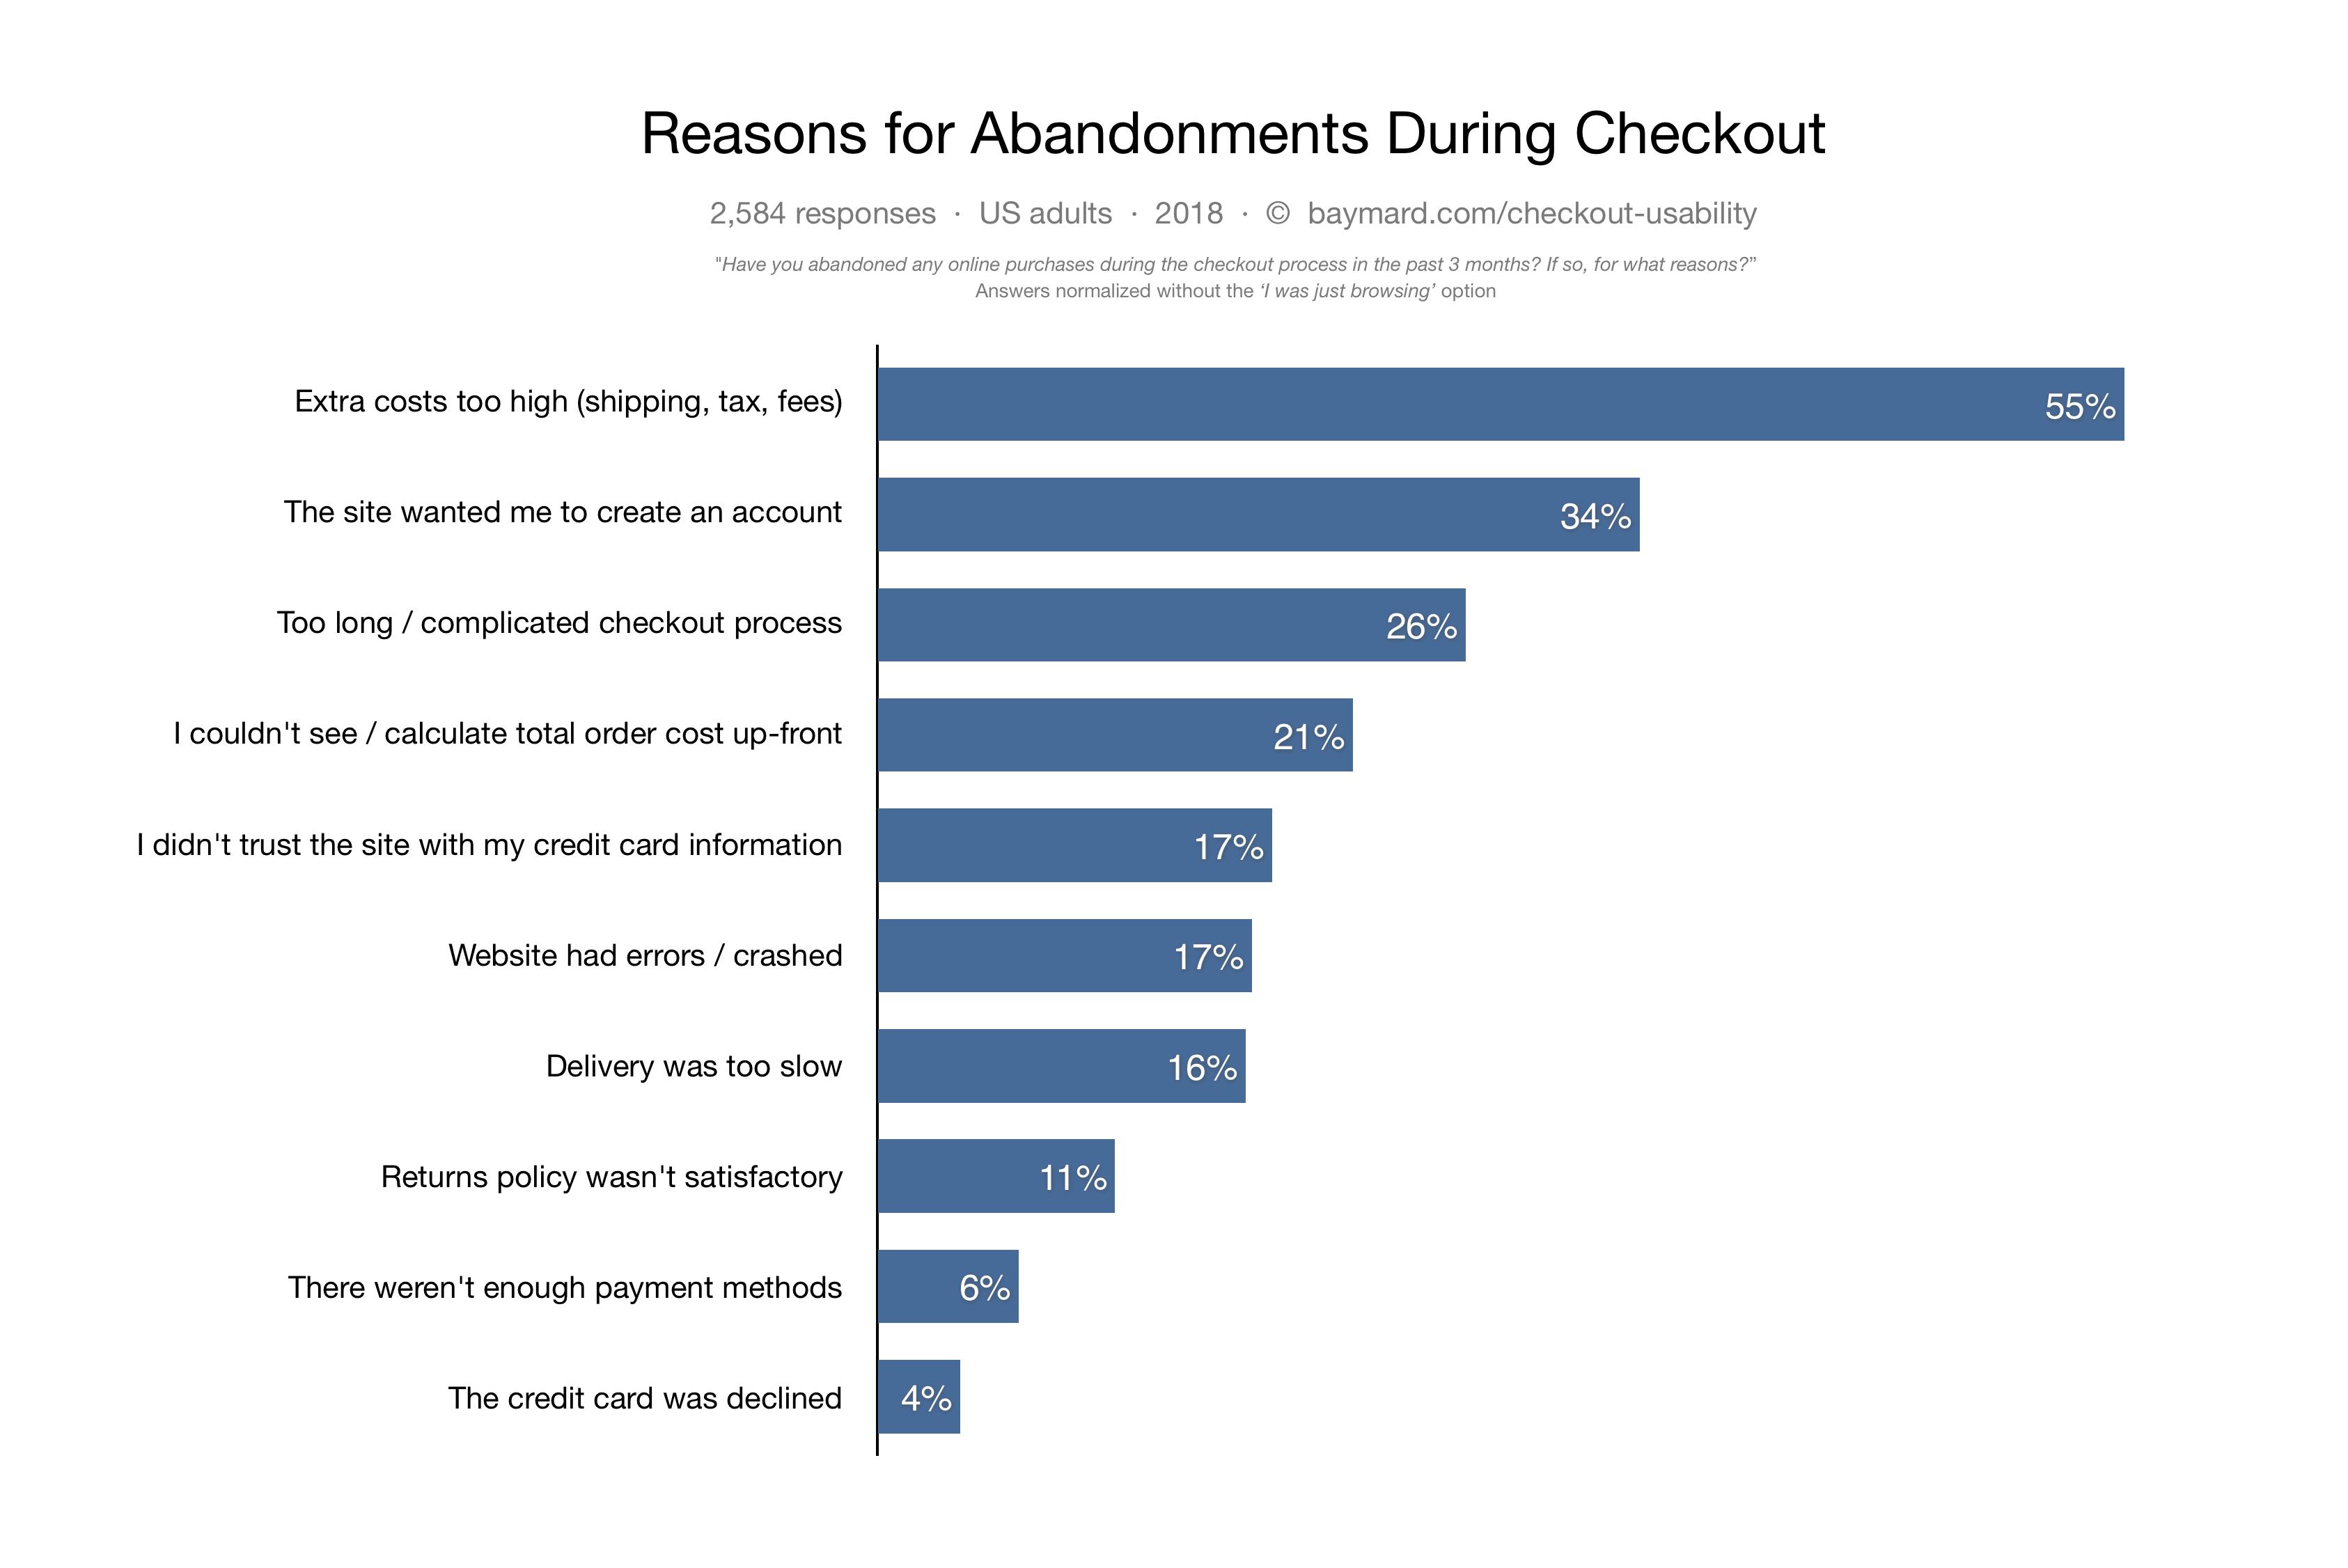 причины почему клиенты уходят из интернет-магазина